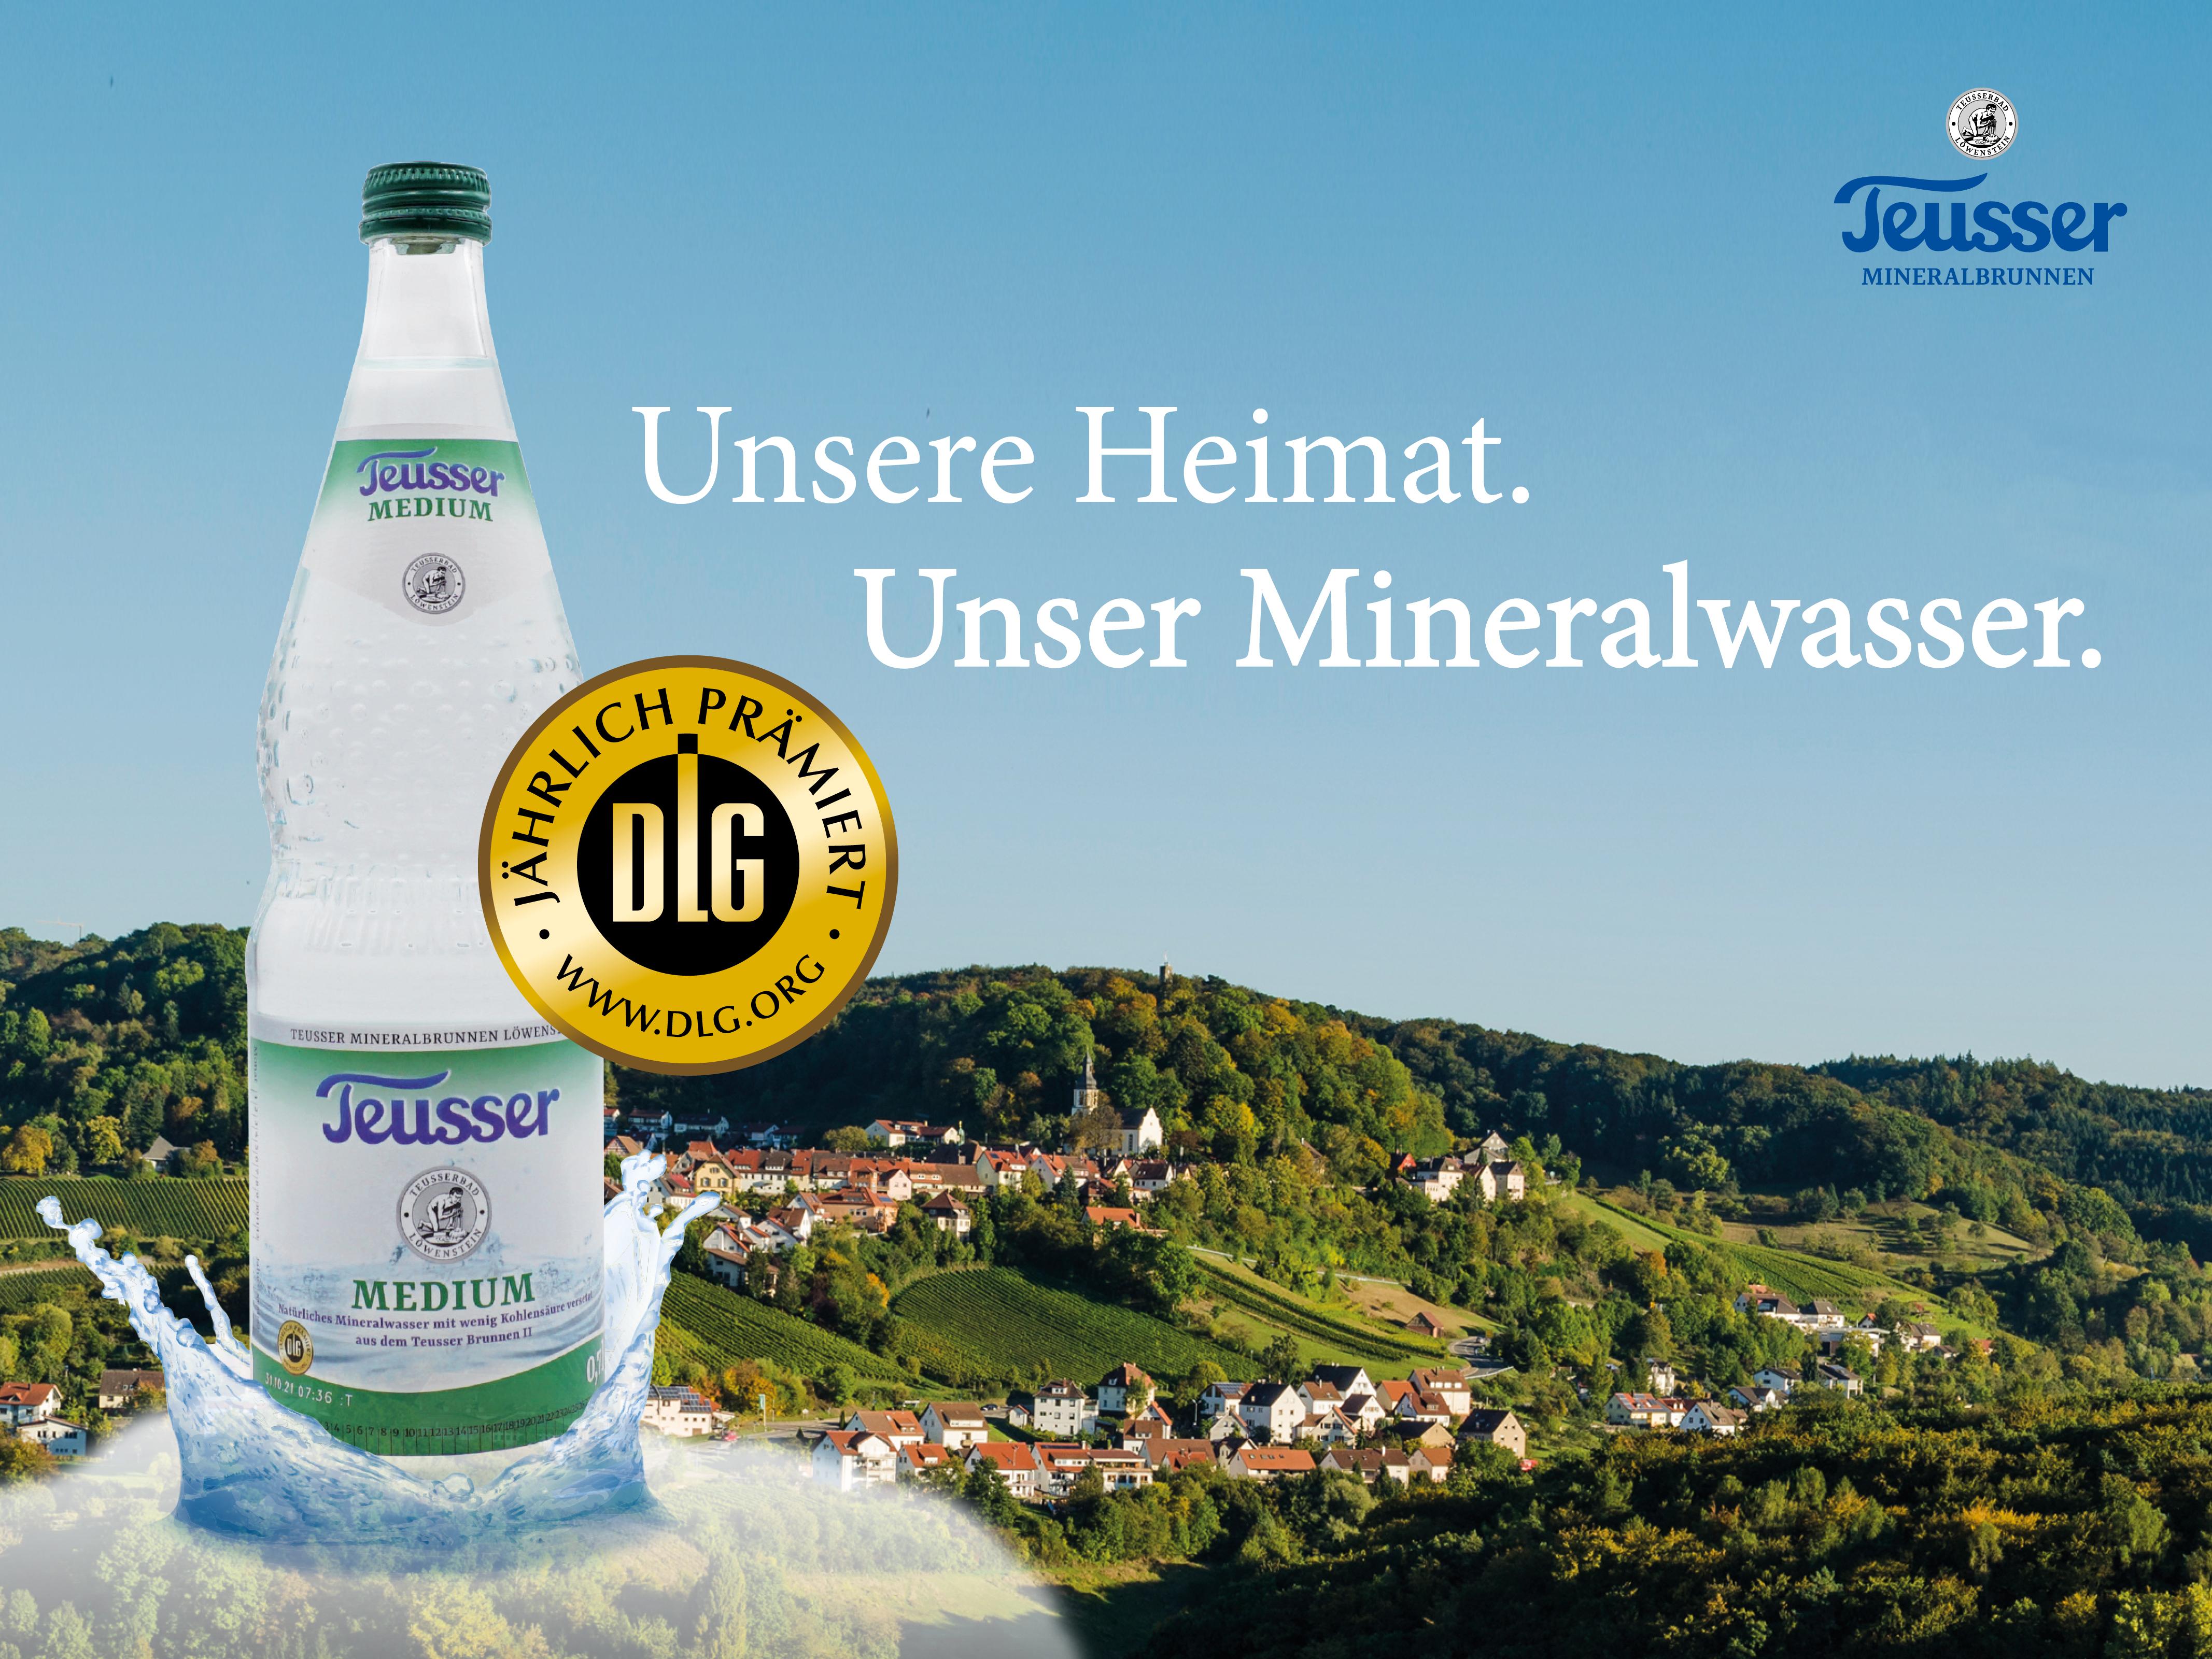 Prämierte Qualität! DLG-Goldmedaillen für Teusser Mineralbrunnen aus Löwenstein